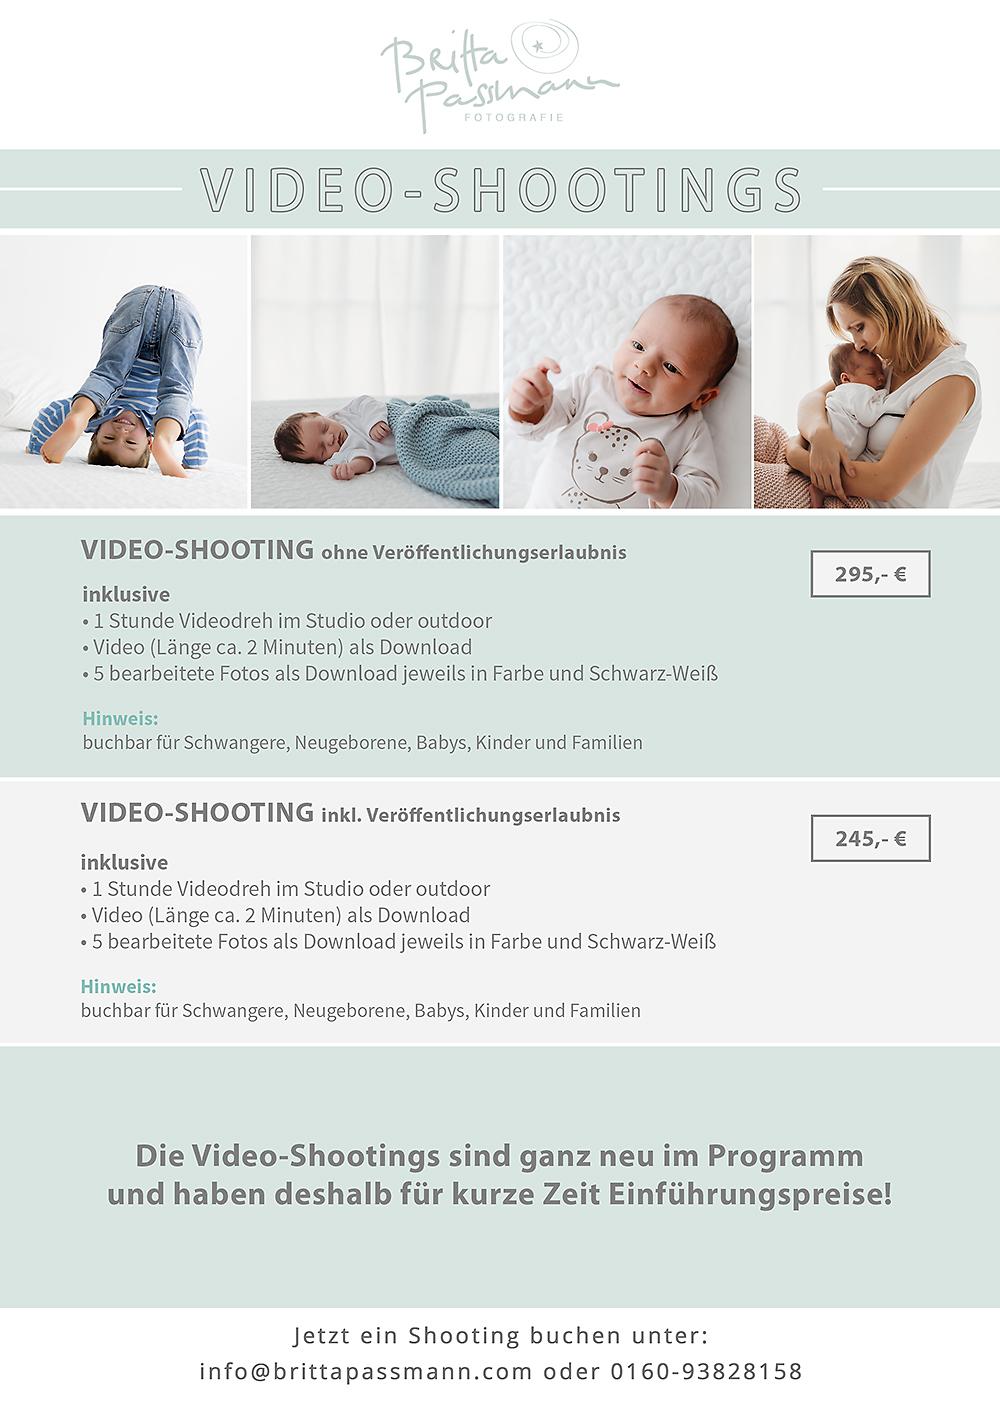 Fotoshooting-Preise-Video-2018-Dortmund